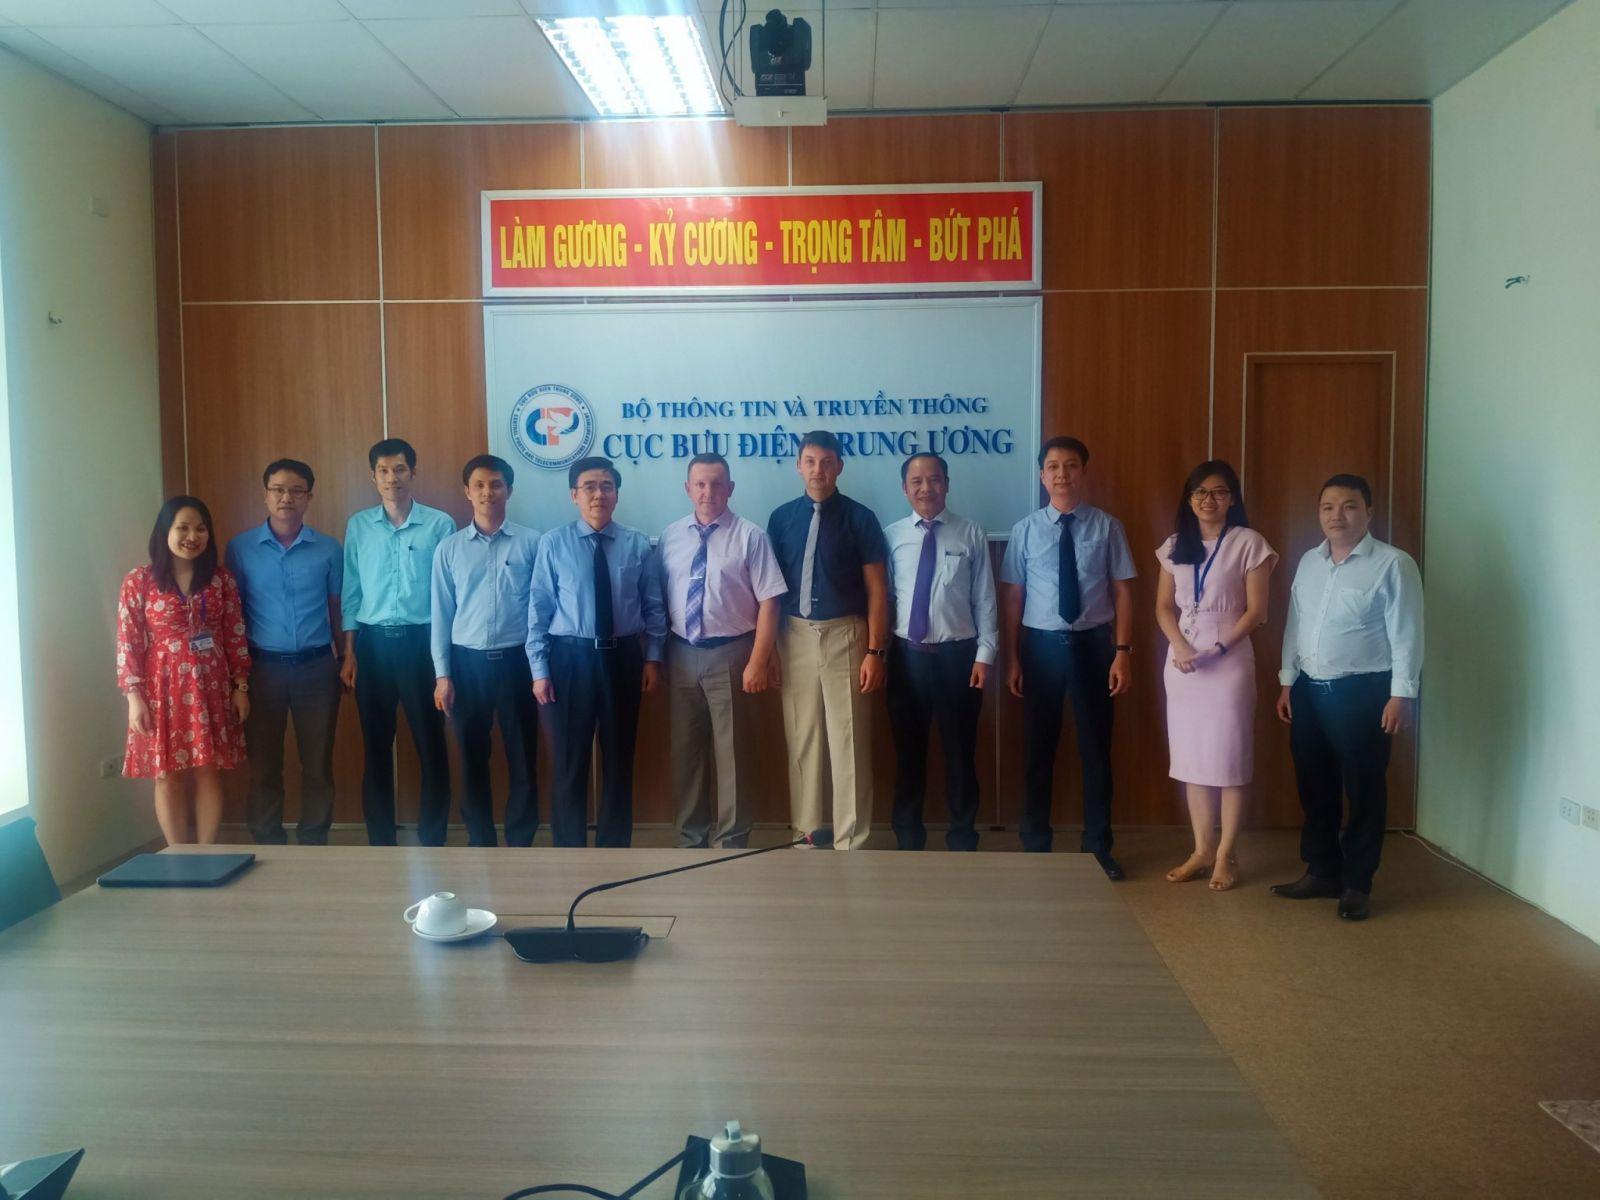 Cục Bưu điện Trung ương tổ chức tiếp đón đoàn chuyên gia của Cơ quan bảo vệ Liên bang Nga sang làm việc tại Cục BĐTW